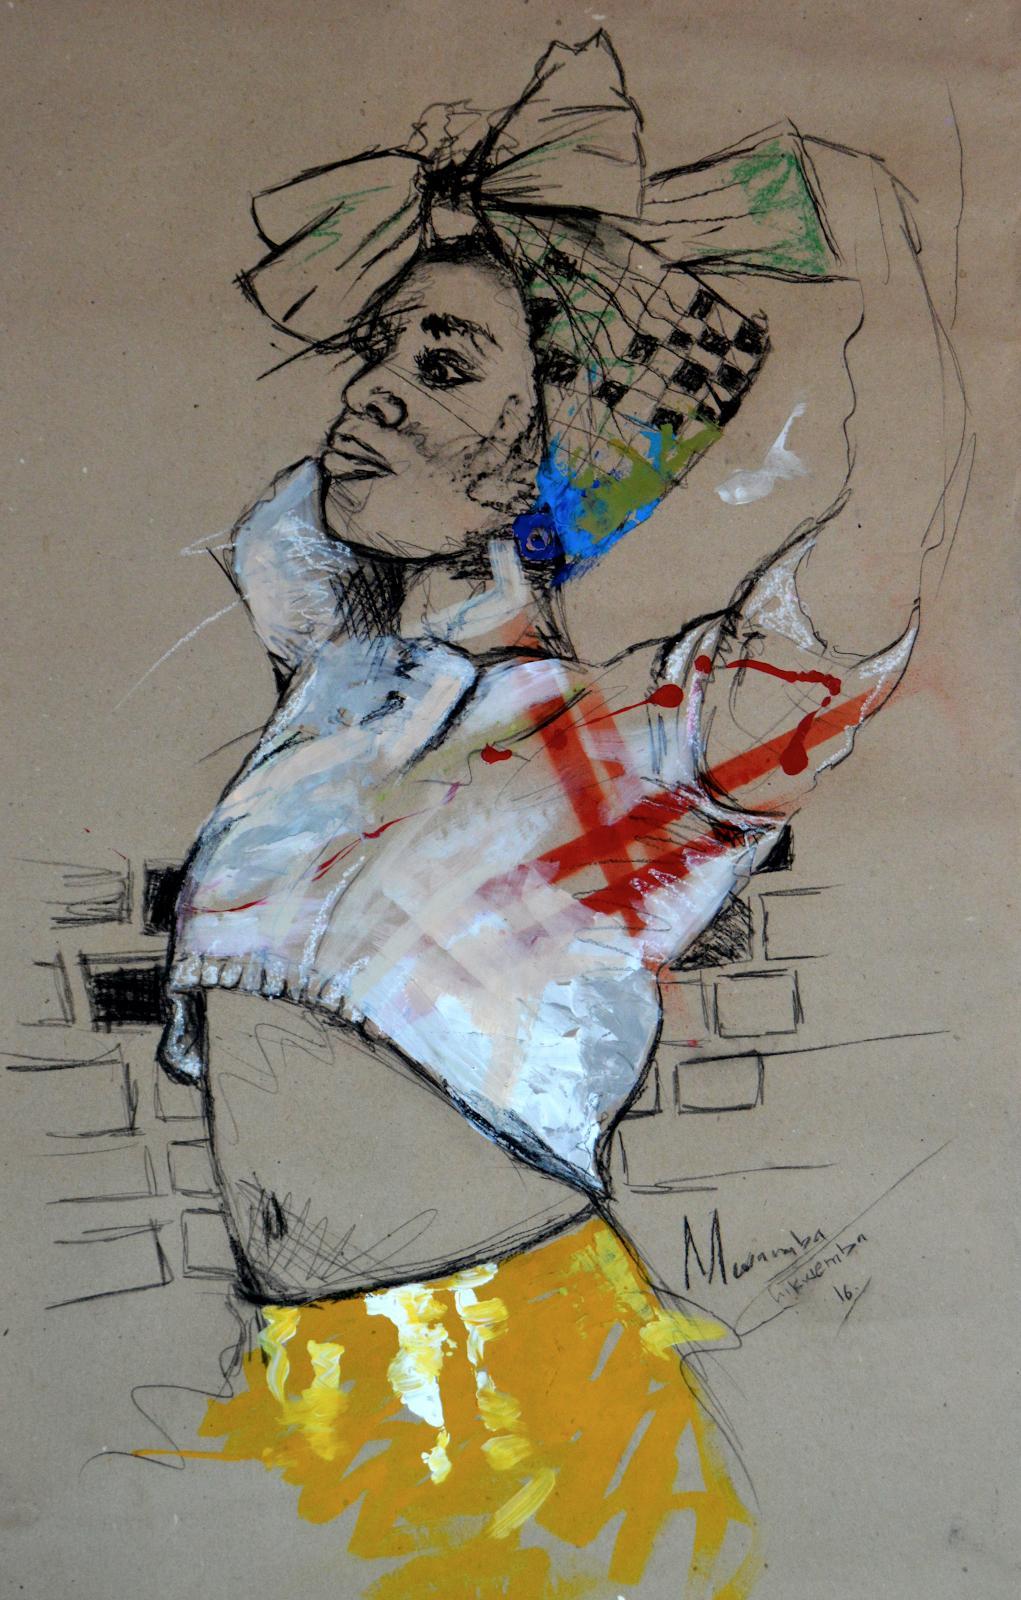 Women's Identity I, Mwamba Chikwemba, Female Portrait, Black Woman, African Art